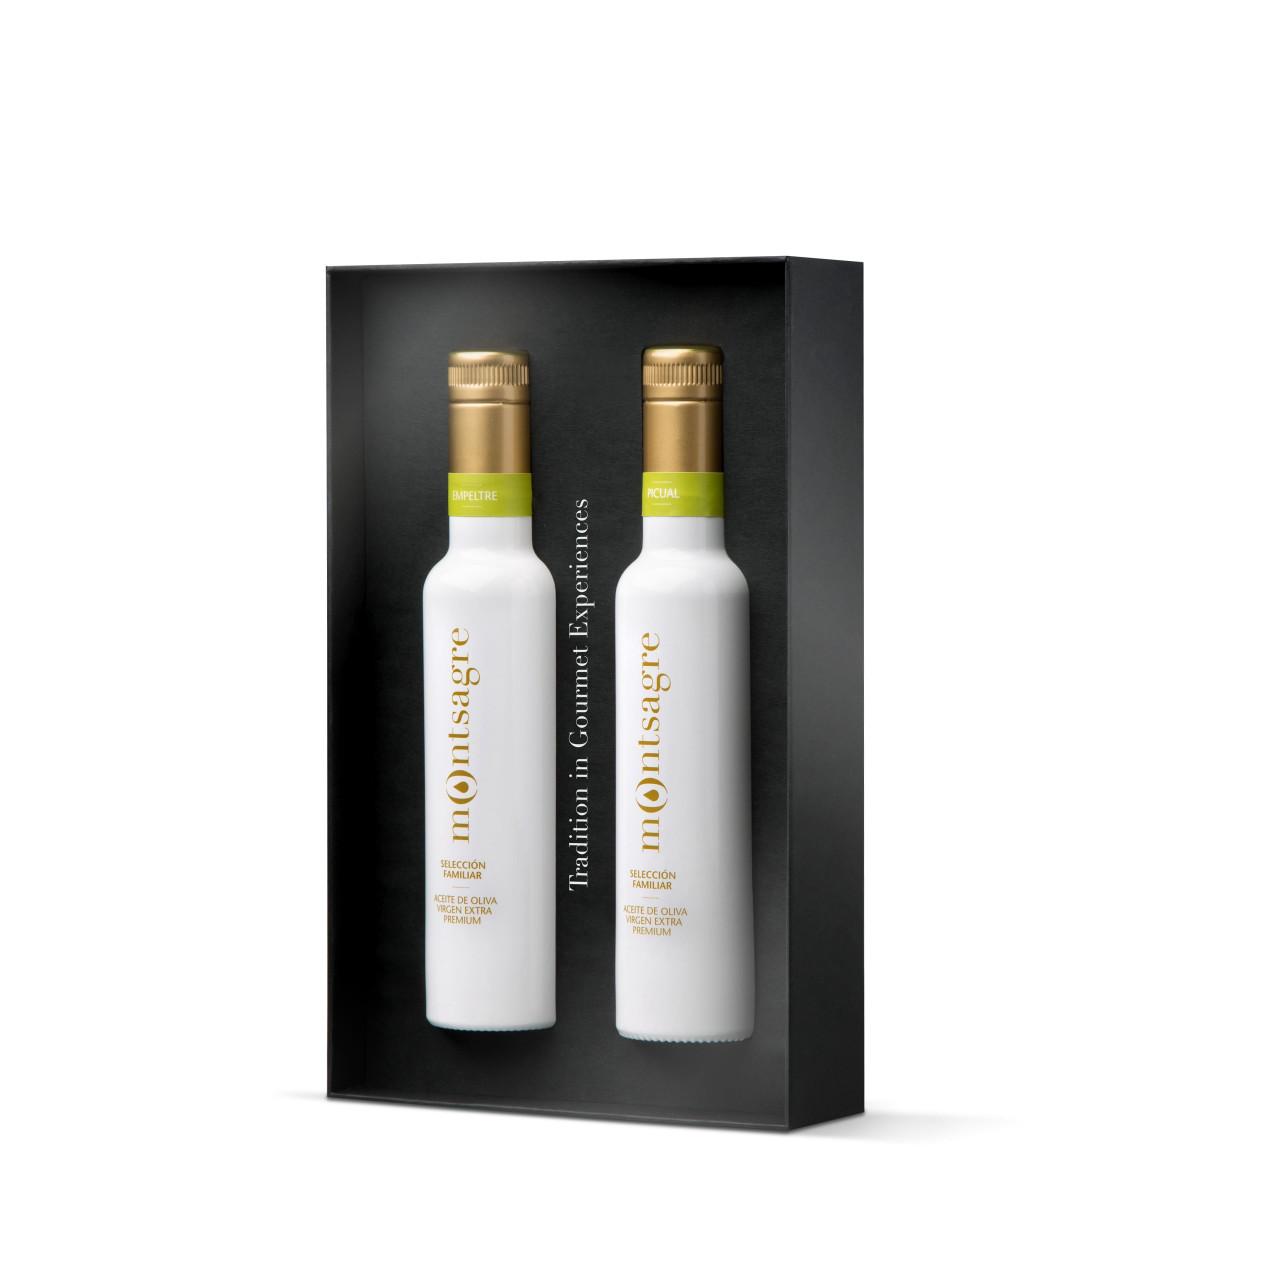 Geschenkset: Premium-Olivenöl (2x 250 ml)